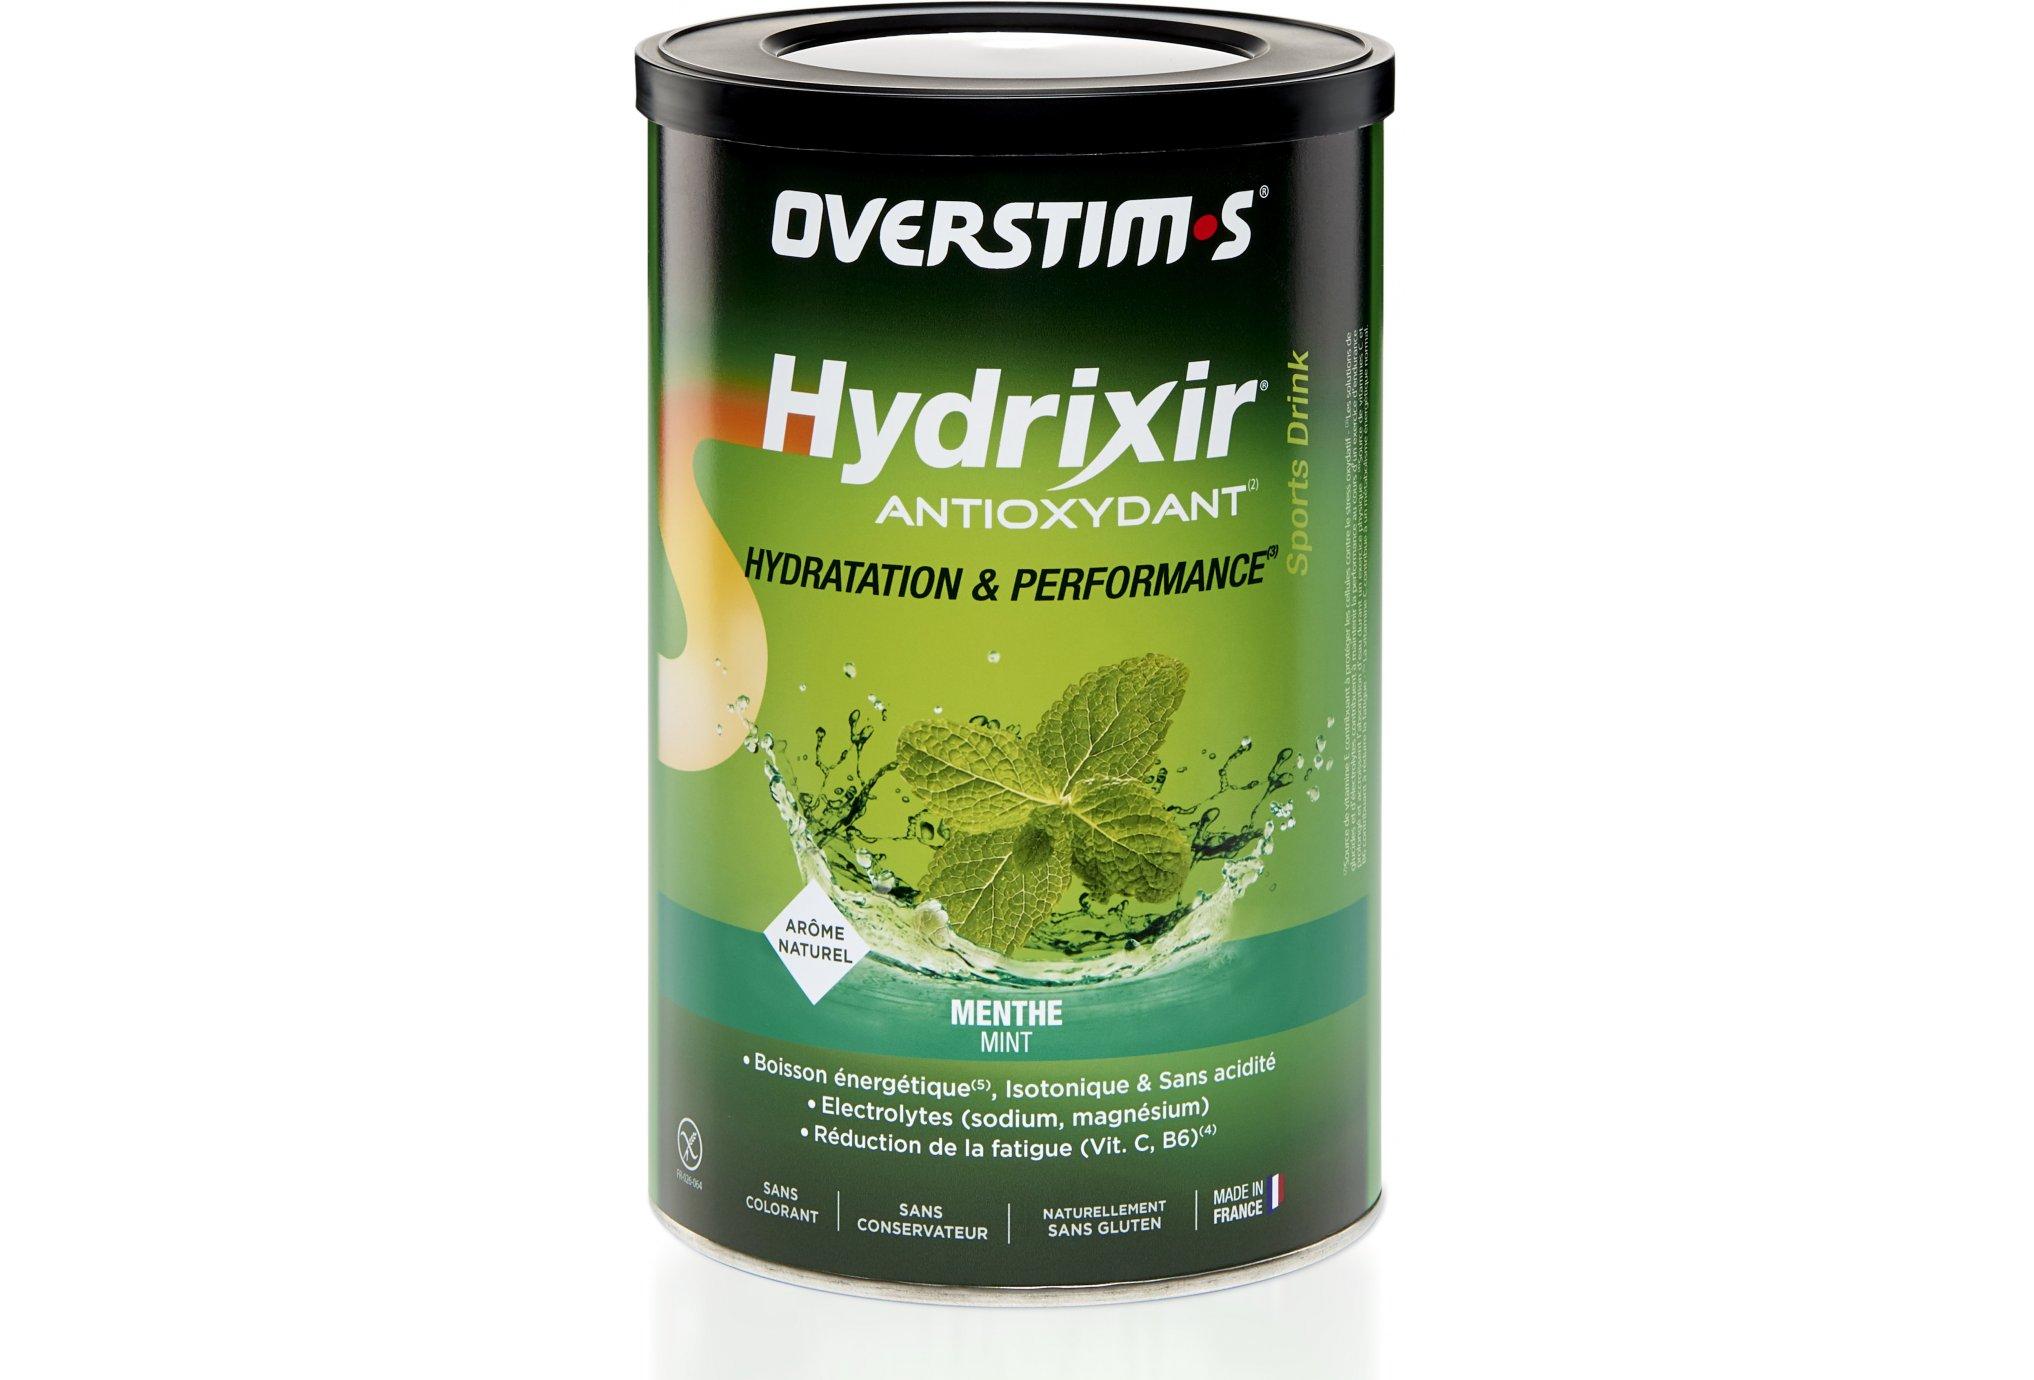 OVERSTIMS Hydrixir 600g - Menthe Diététique Boissons